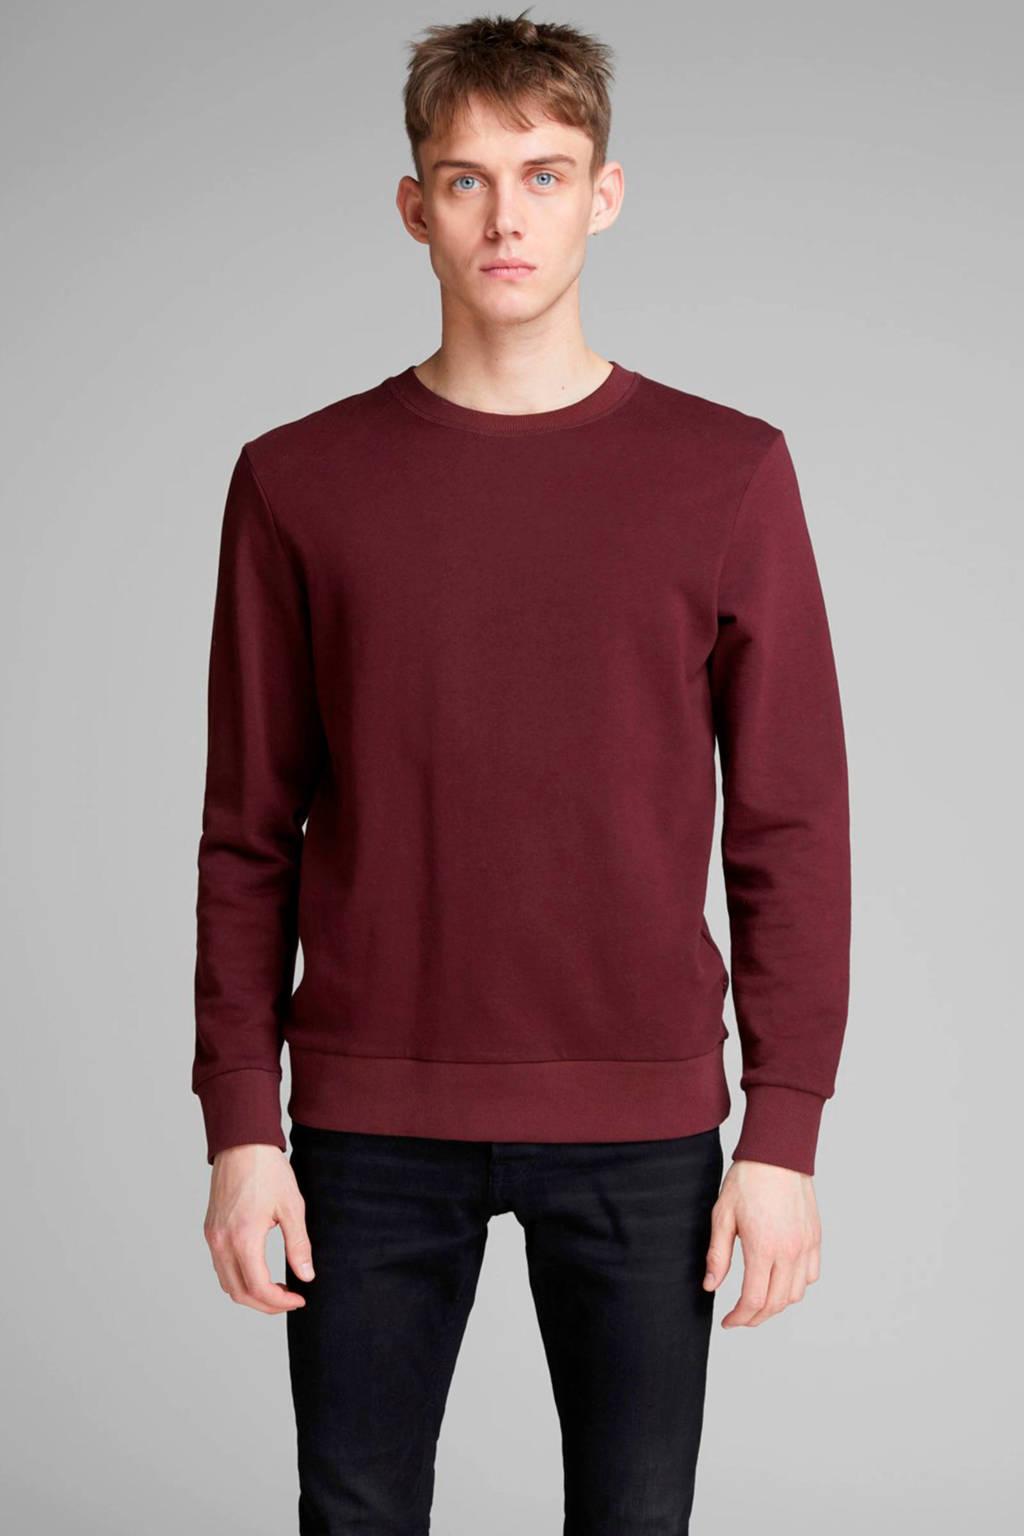 JACK & JONES ESSENTIALS sweater aubergine, Aubergine